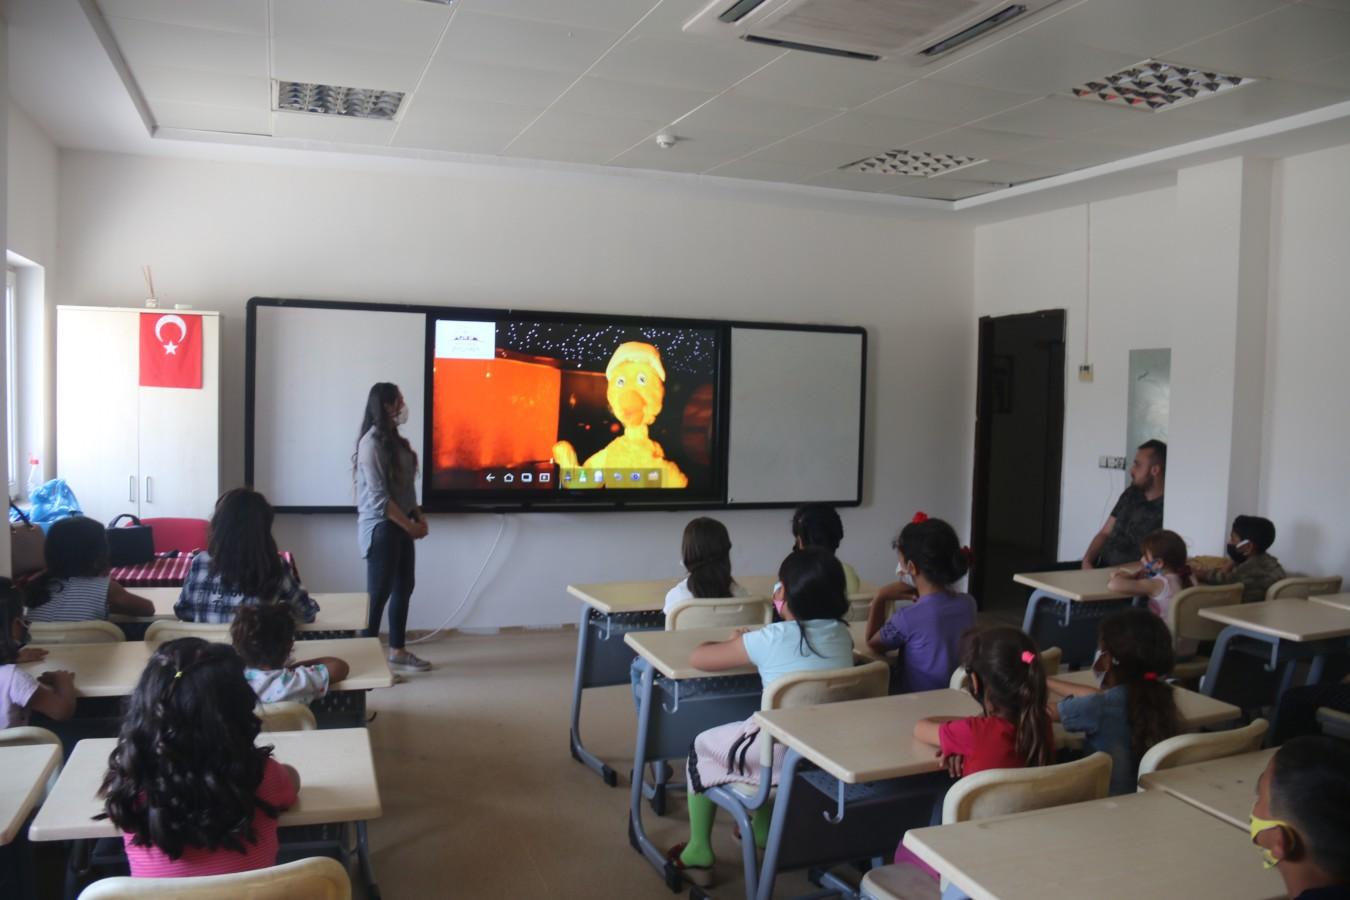 Müzeler Haftasında Çocuklara Sanal Müze